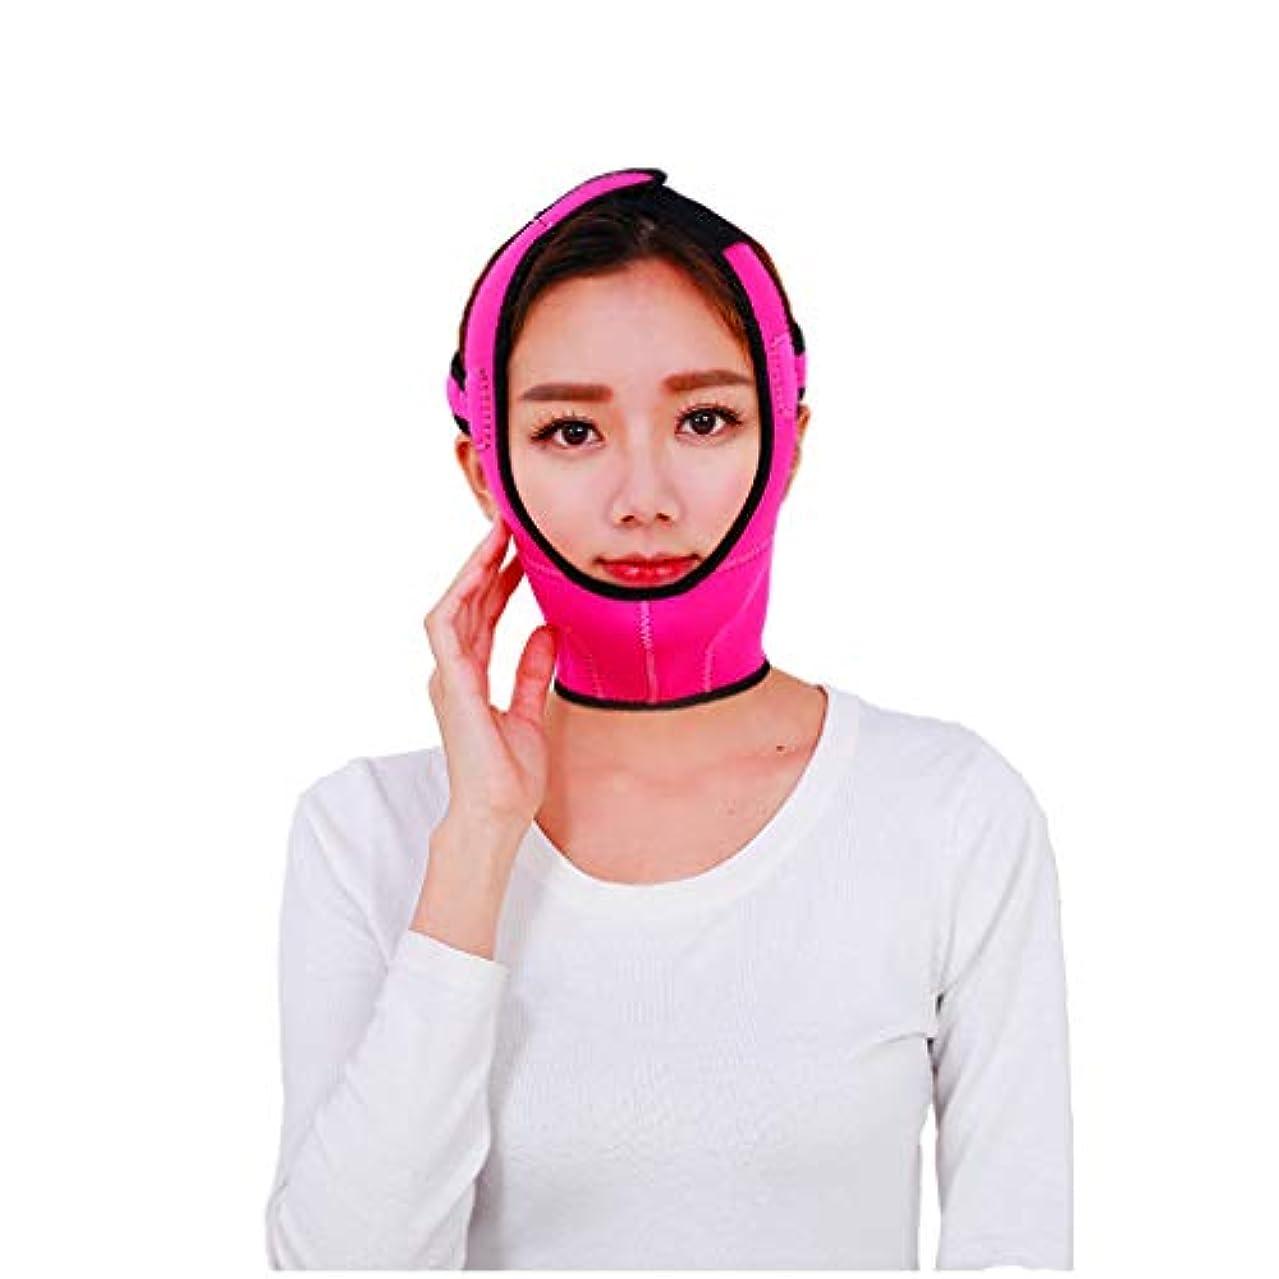 十代連邦ハーブ顔のマスクは、胸の皮膚を引き締め首の皮膚を強化収縮リフティング包帯を和らげる